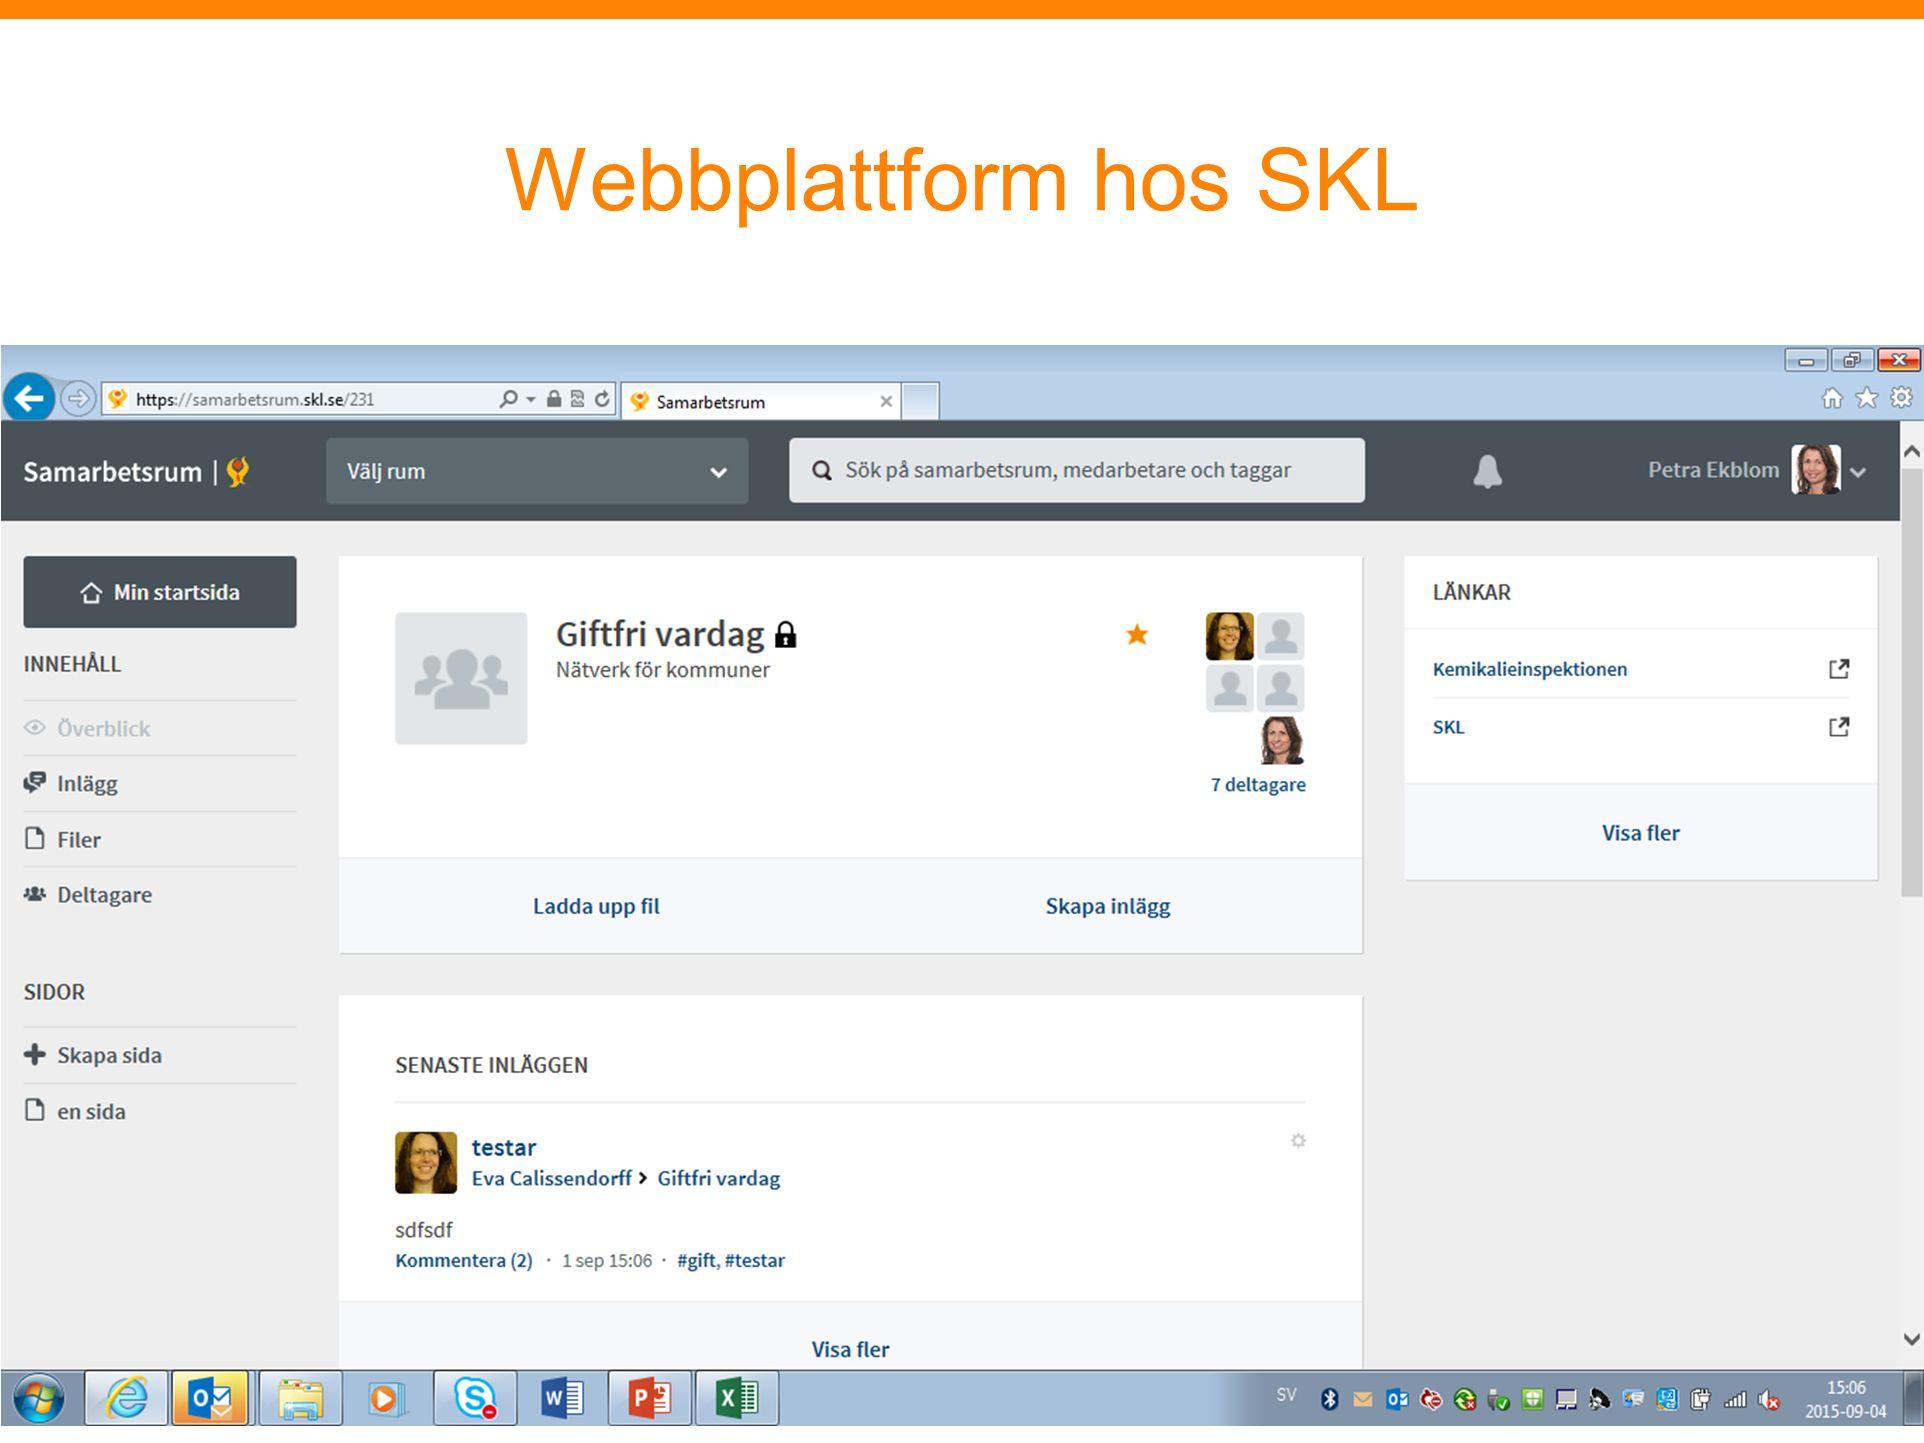 Webbplattform hos SKL